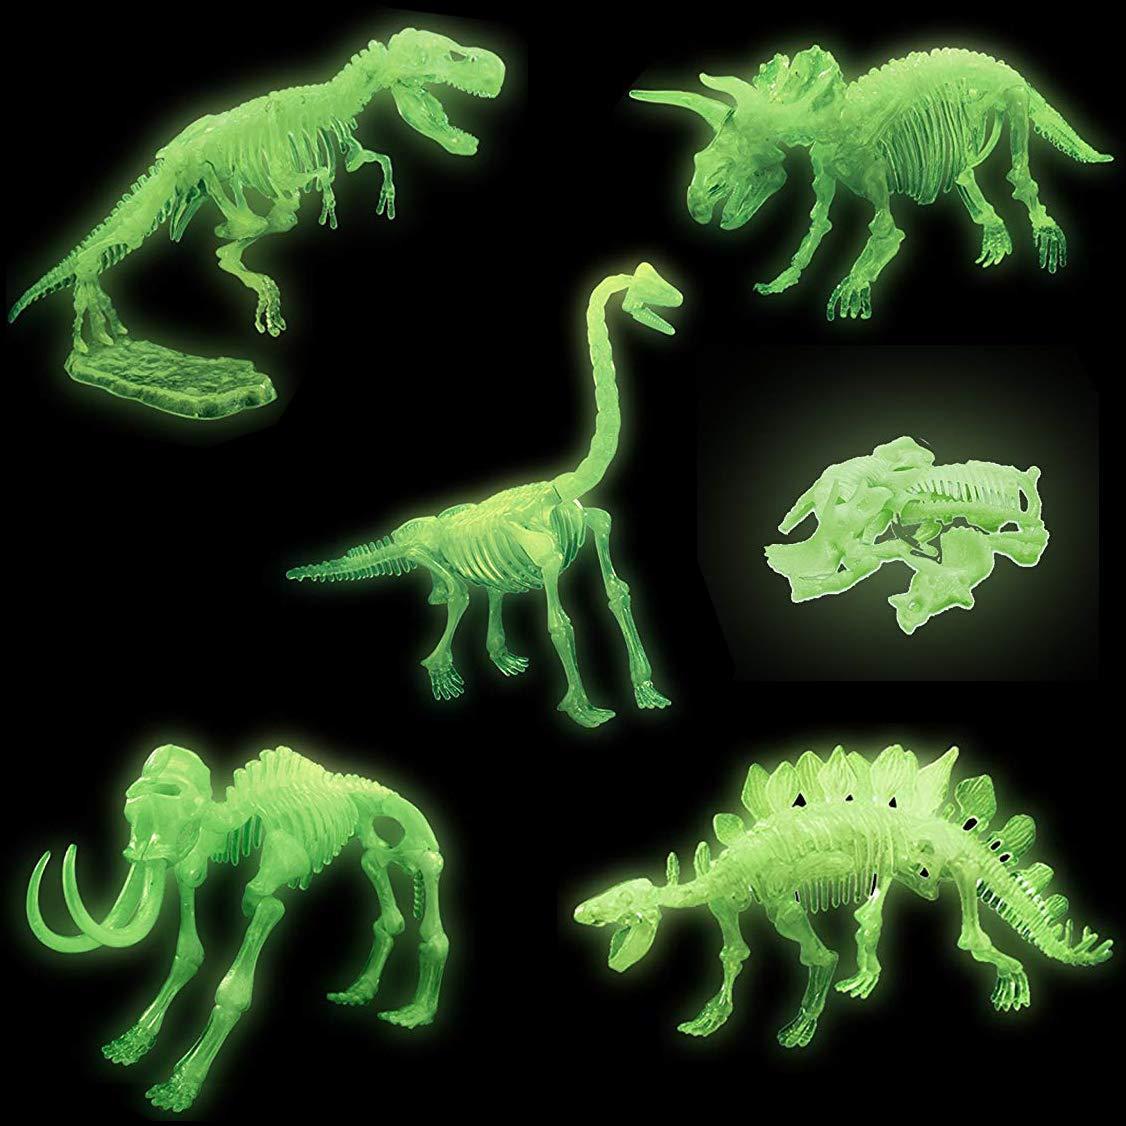 人気ブランドの 3D 光る恐竜 化石パズル 暗闇で光る 恐竜 スケルトン 模型玩具 恐竜 化石パズル 子供用考古学キット スケルトン パーティーの景品 10インチ B076JSMHYS, アクセONE:d745ecf9 --- clubavenue.eu